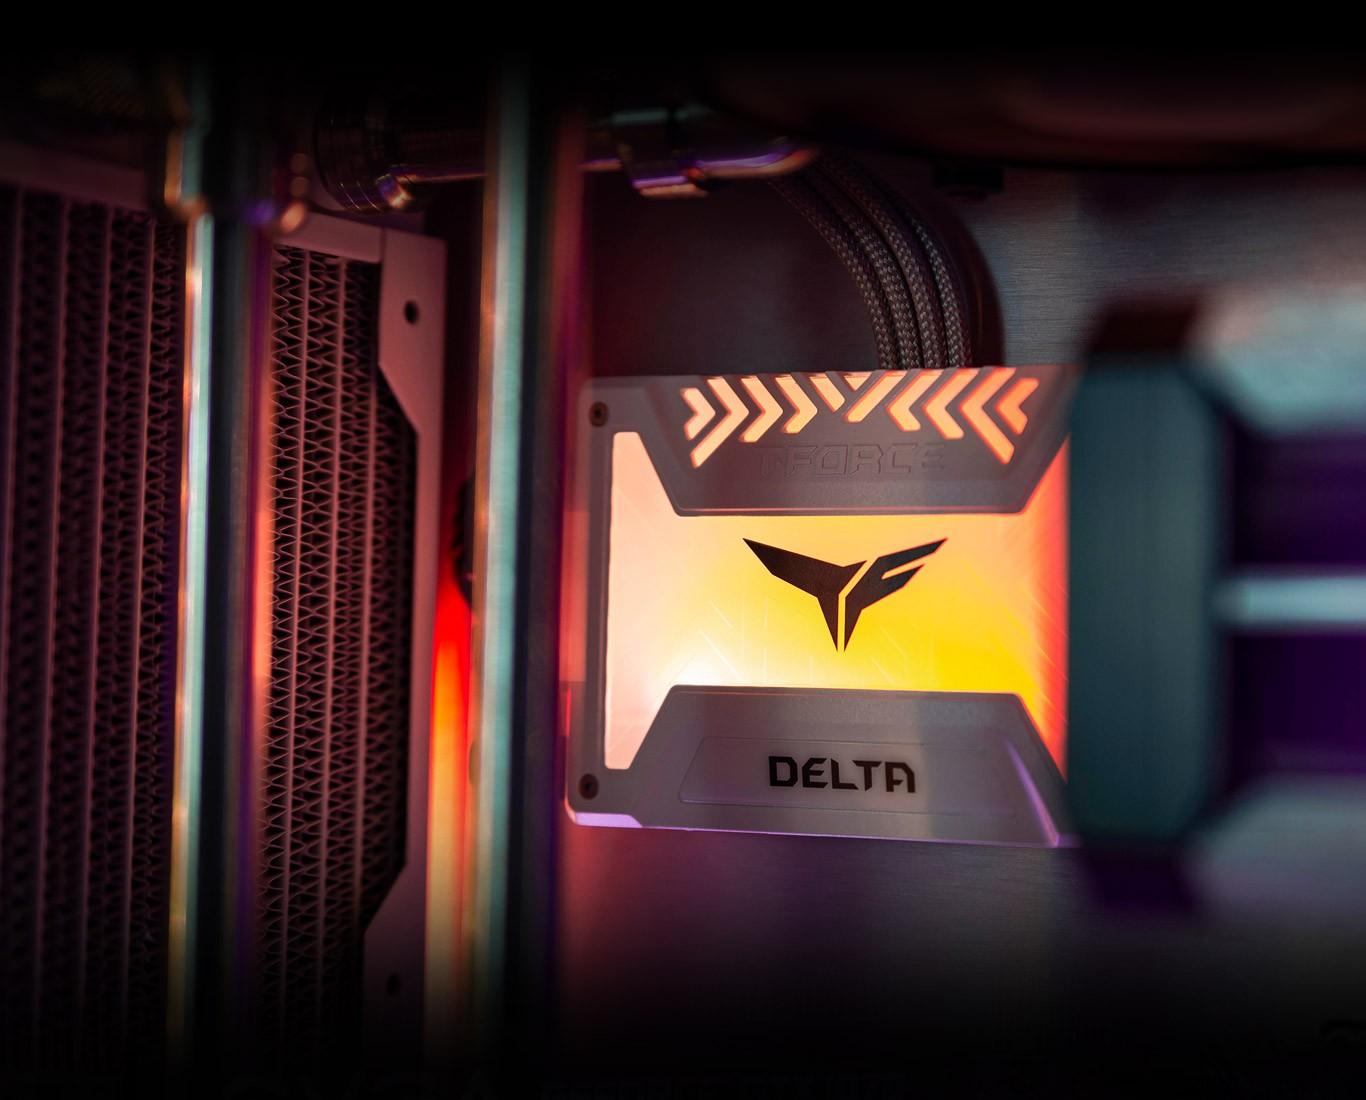 bo-may-tinh-intel-core-i7-10700k-z490-gaming-16gb-ram-vga-rtx-2060-oc-5